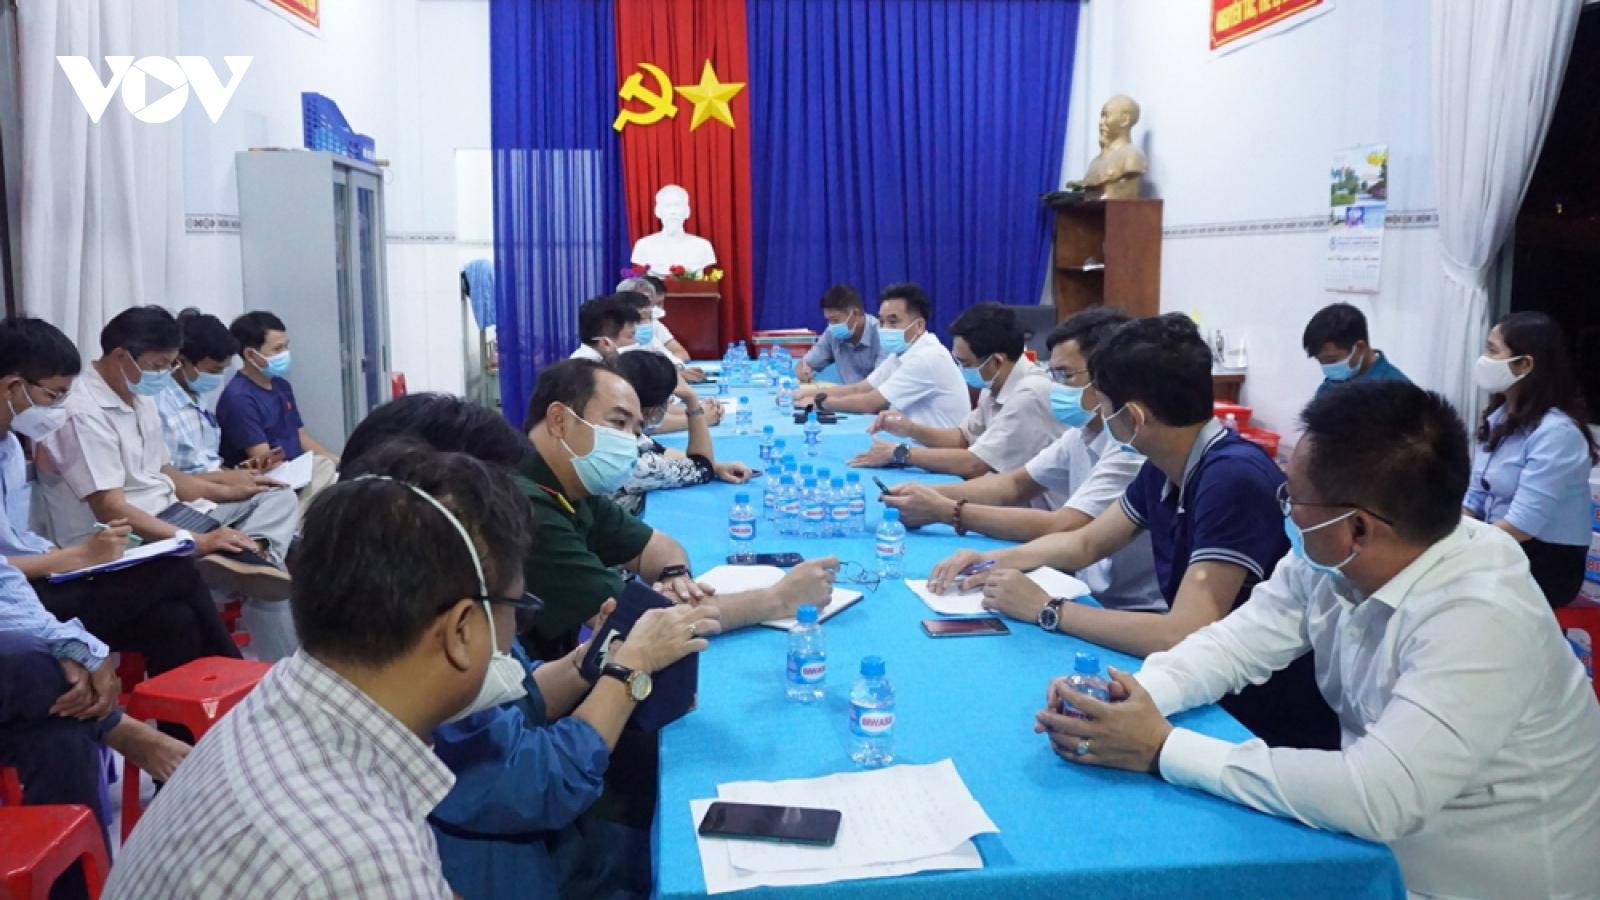 BN 2585 ở Bình Dương từng nhập cảnh trái phép sang Campuchia